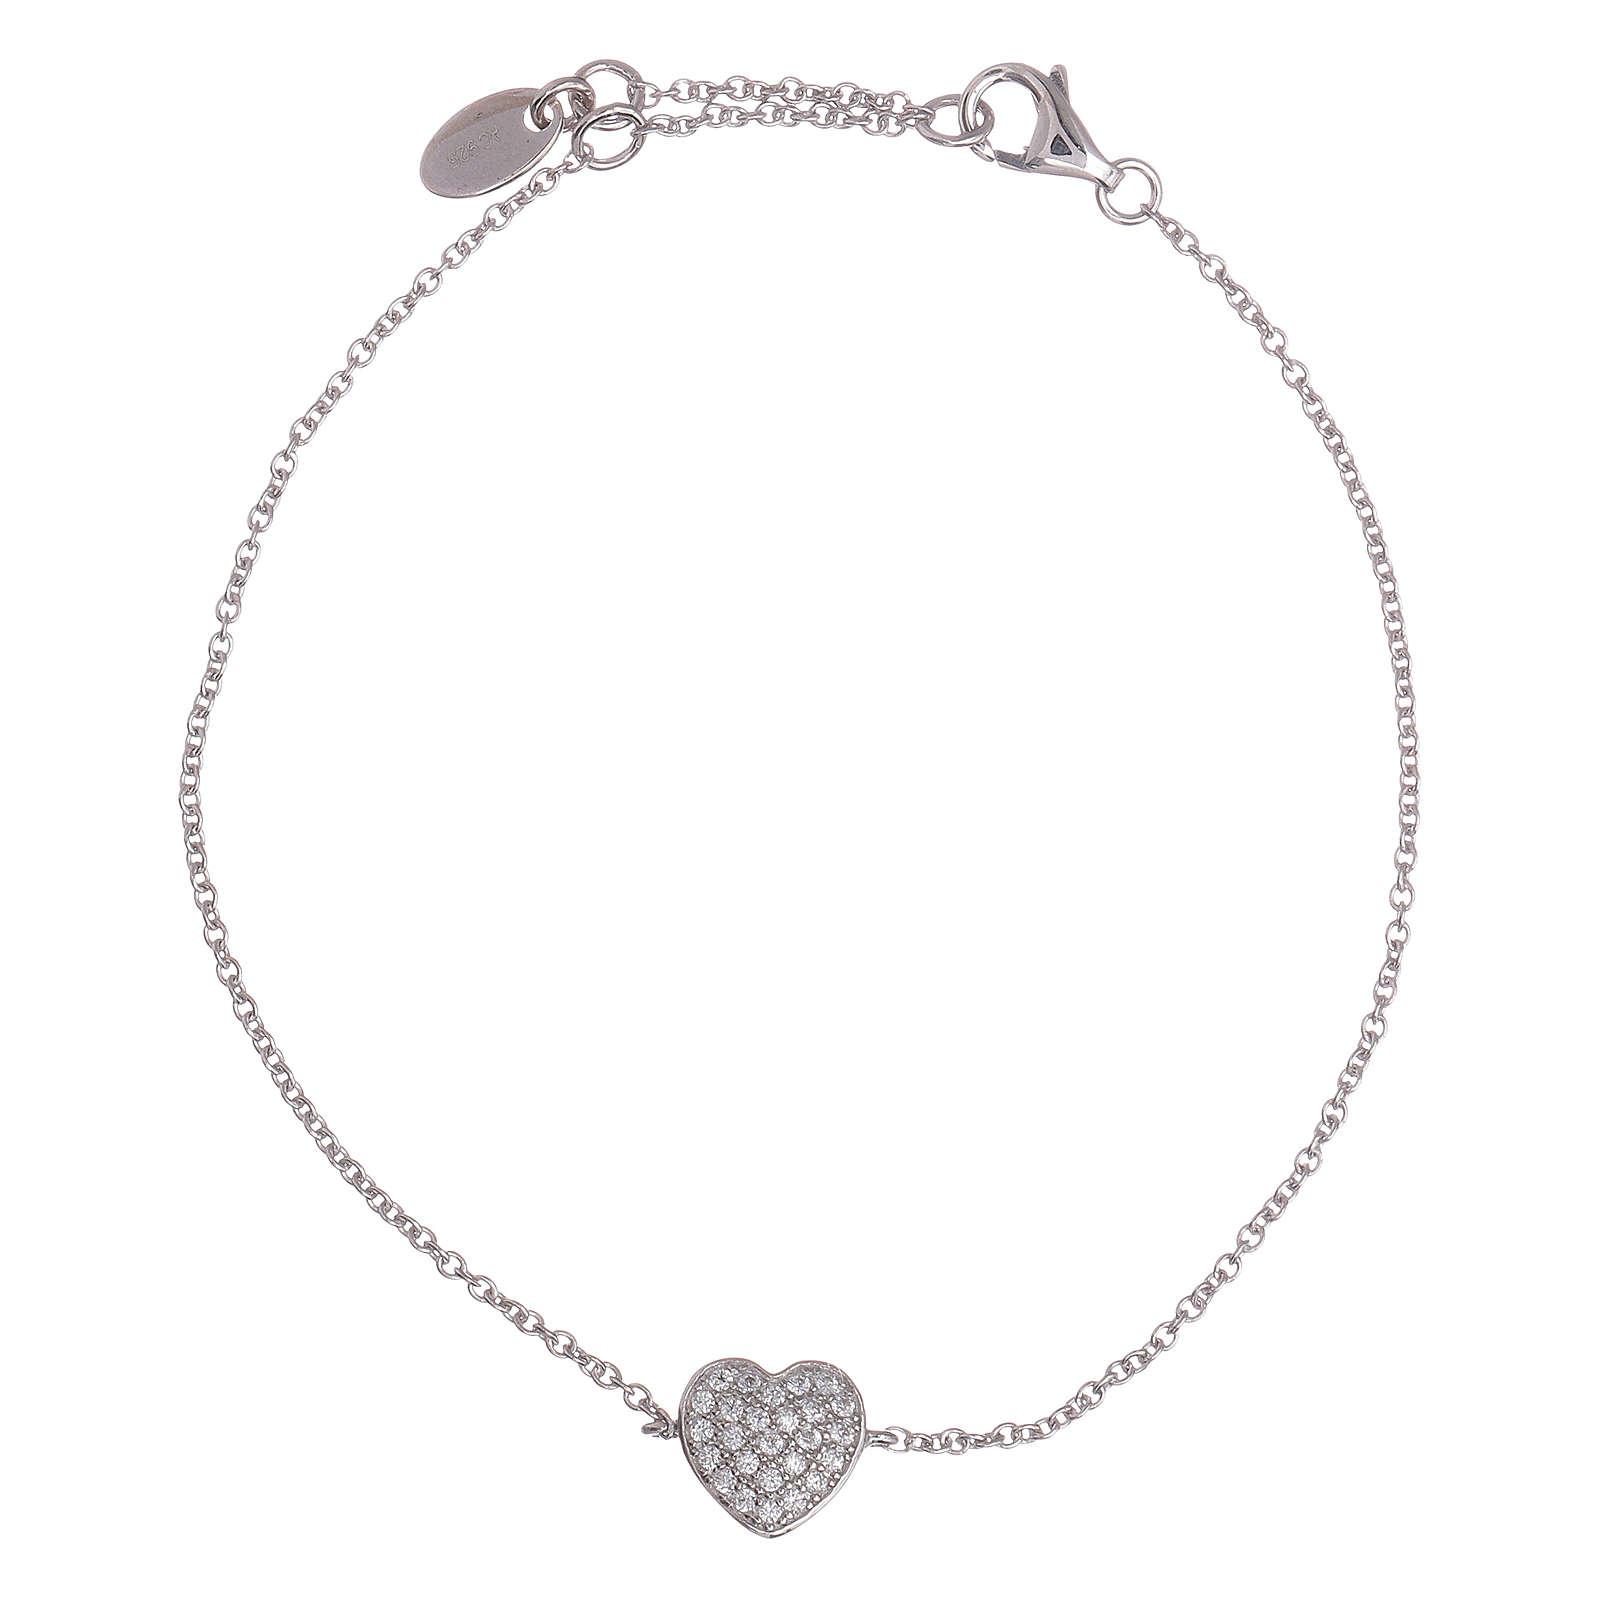 de991c9e49d Bracelet AMEN argent 925 coeur rhodié de zircons 4